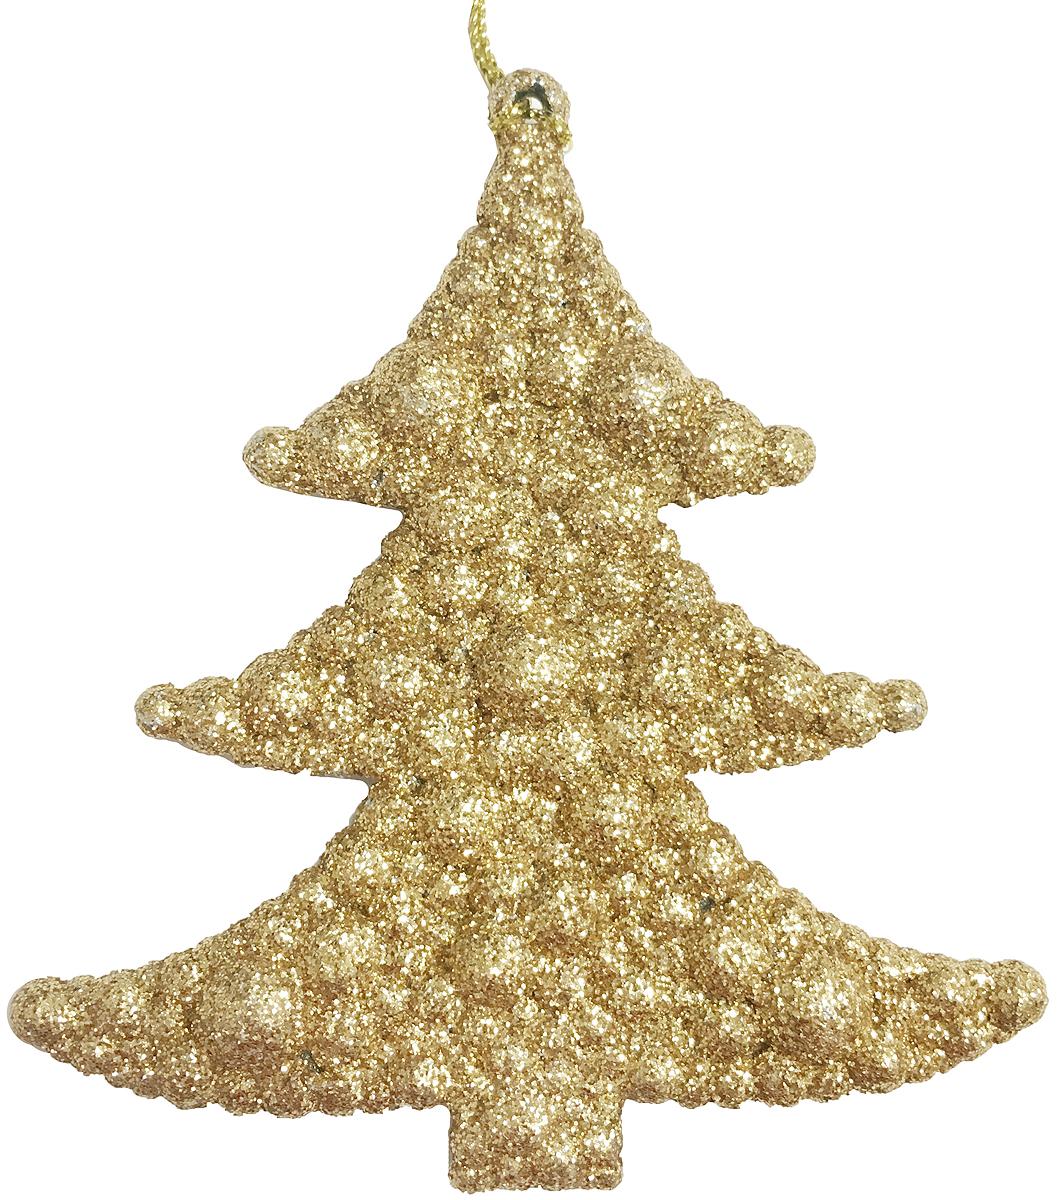 Украшение новогоднее подвесное Magic Time Елочка в золоте, 9 х 9,5 см. 3869738697/75064Новогоднее подвесное украшение Magic Time Елочка в золоте выполнено из полипропилена и украшено блестками. С помощью специальной петельки украшение можно повесить в любом понравившемся вам месте. Но, конечно, удачнее всего оно будет смотреться на праздничной елке.Елочная игрушка - символ Нового года. Она несет в себе волшебство и красоту праздника. Создайте в своем доме атмосферу веселья и радости, украшая новогоднюю елку нарядными игрушками, которые будут из года в год накапливать теплоту воспоминаний.